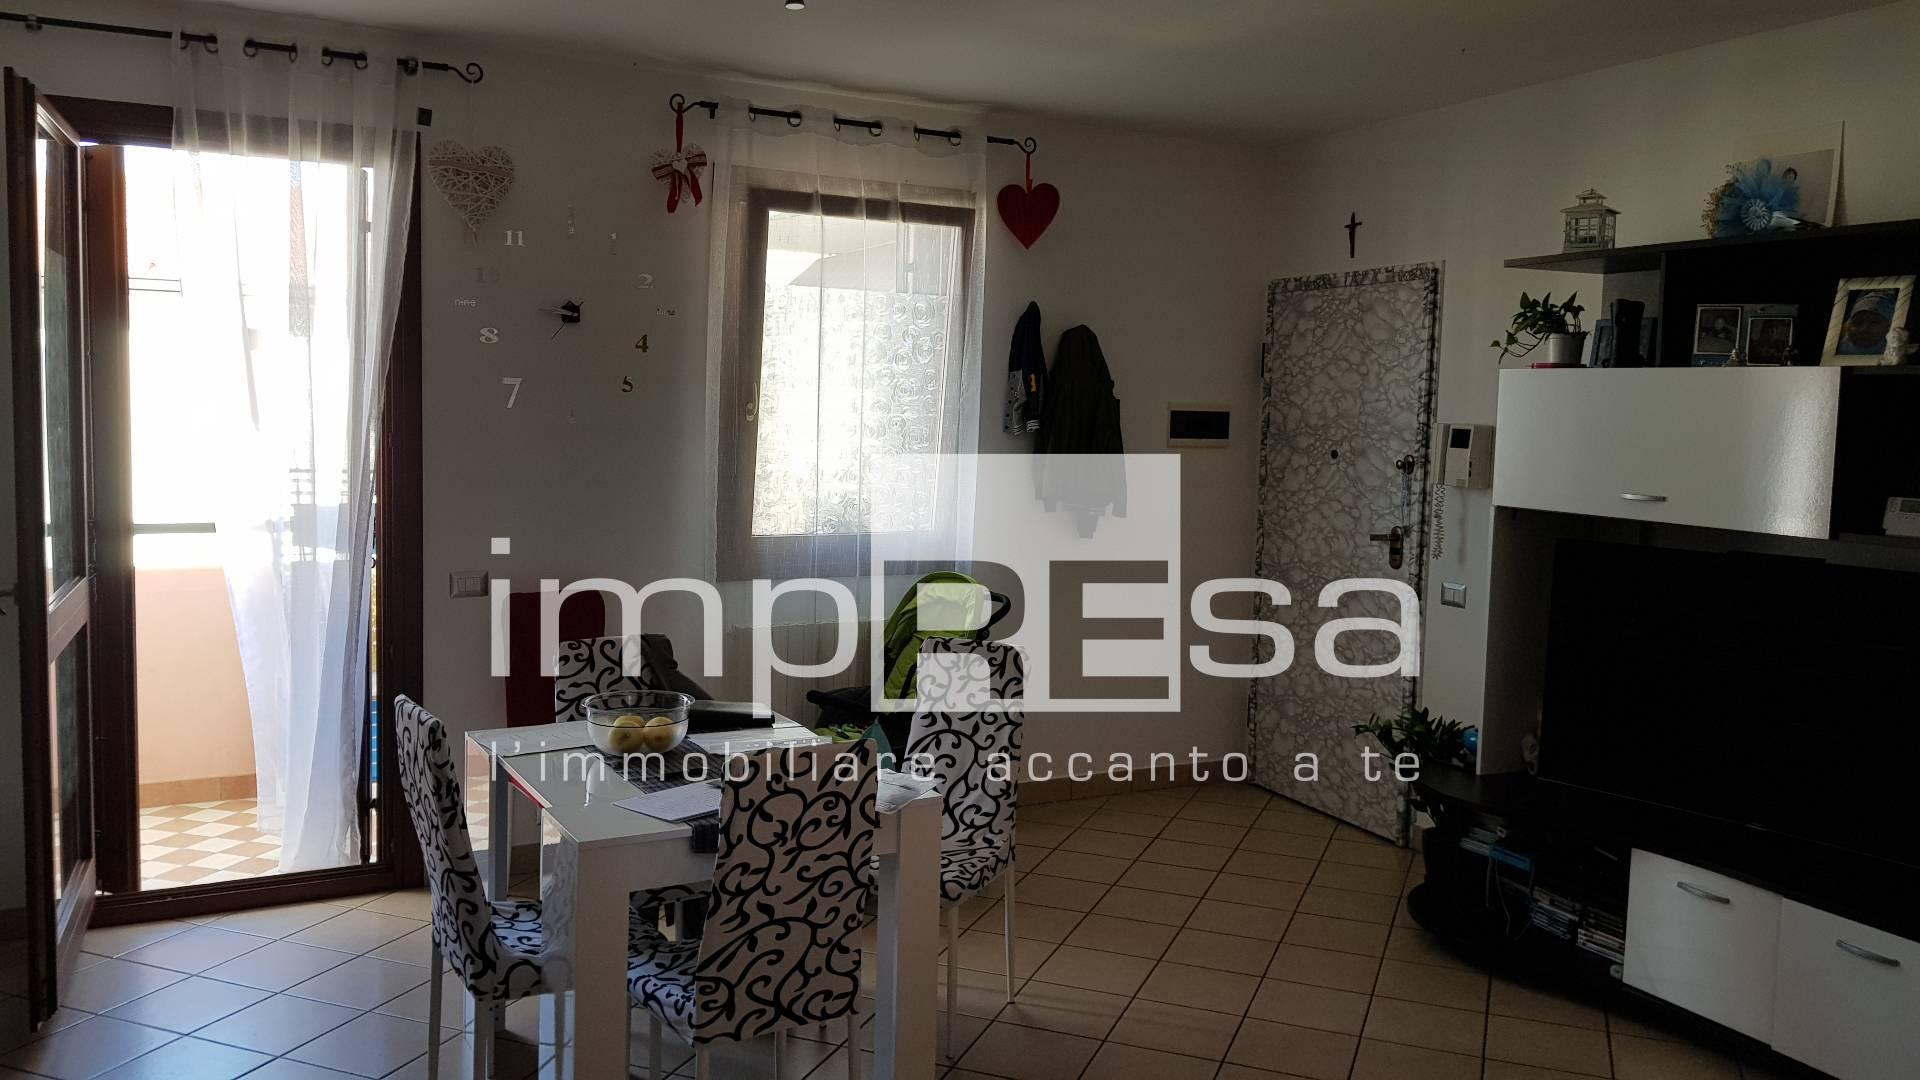 Appartamento in vendita a Salgareda, 3 locali, prezzo € 80.000 | CambioCasa.it